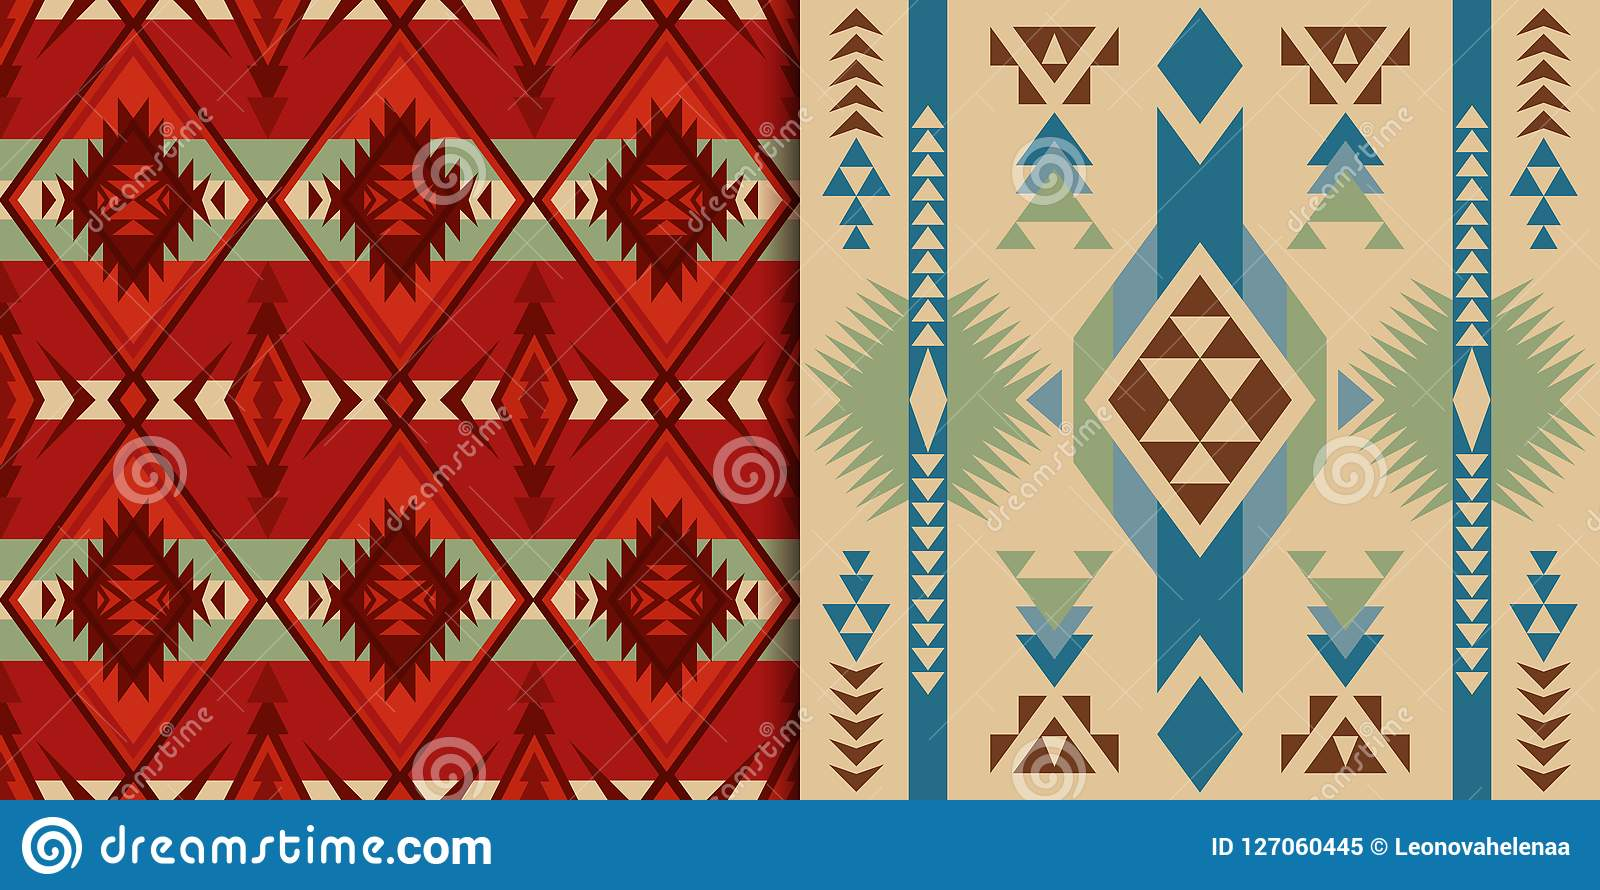 Sud-ouest indigène américain, indien, aztèque, géométrique, Navajo et